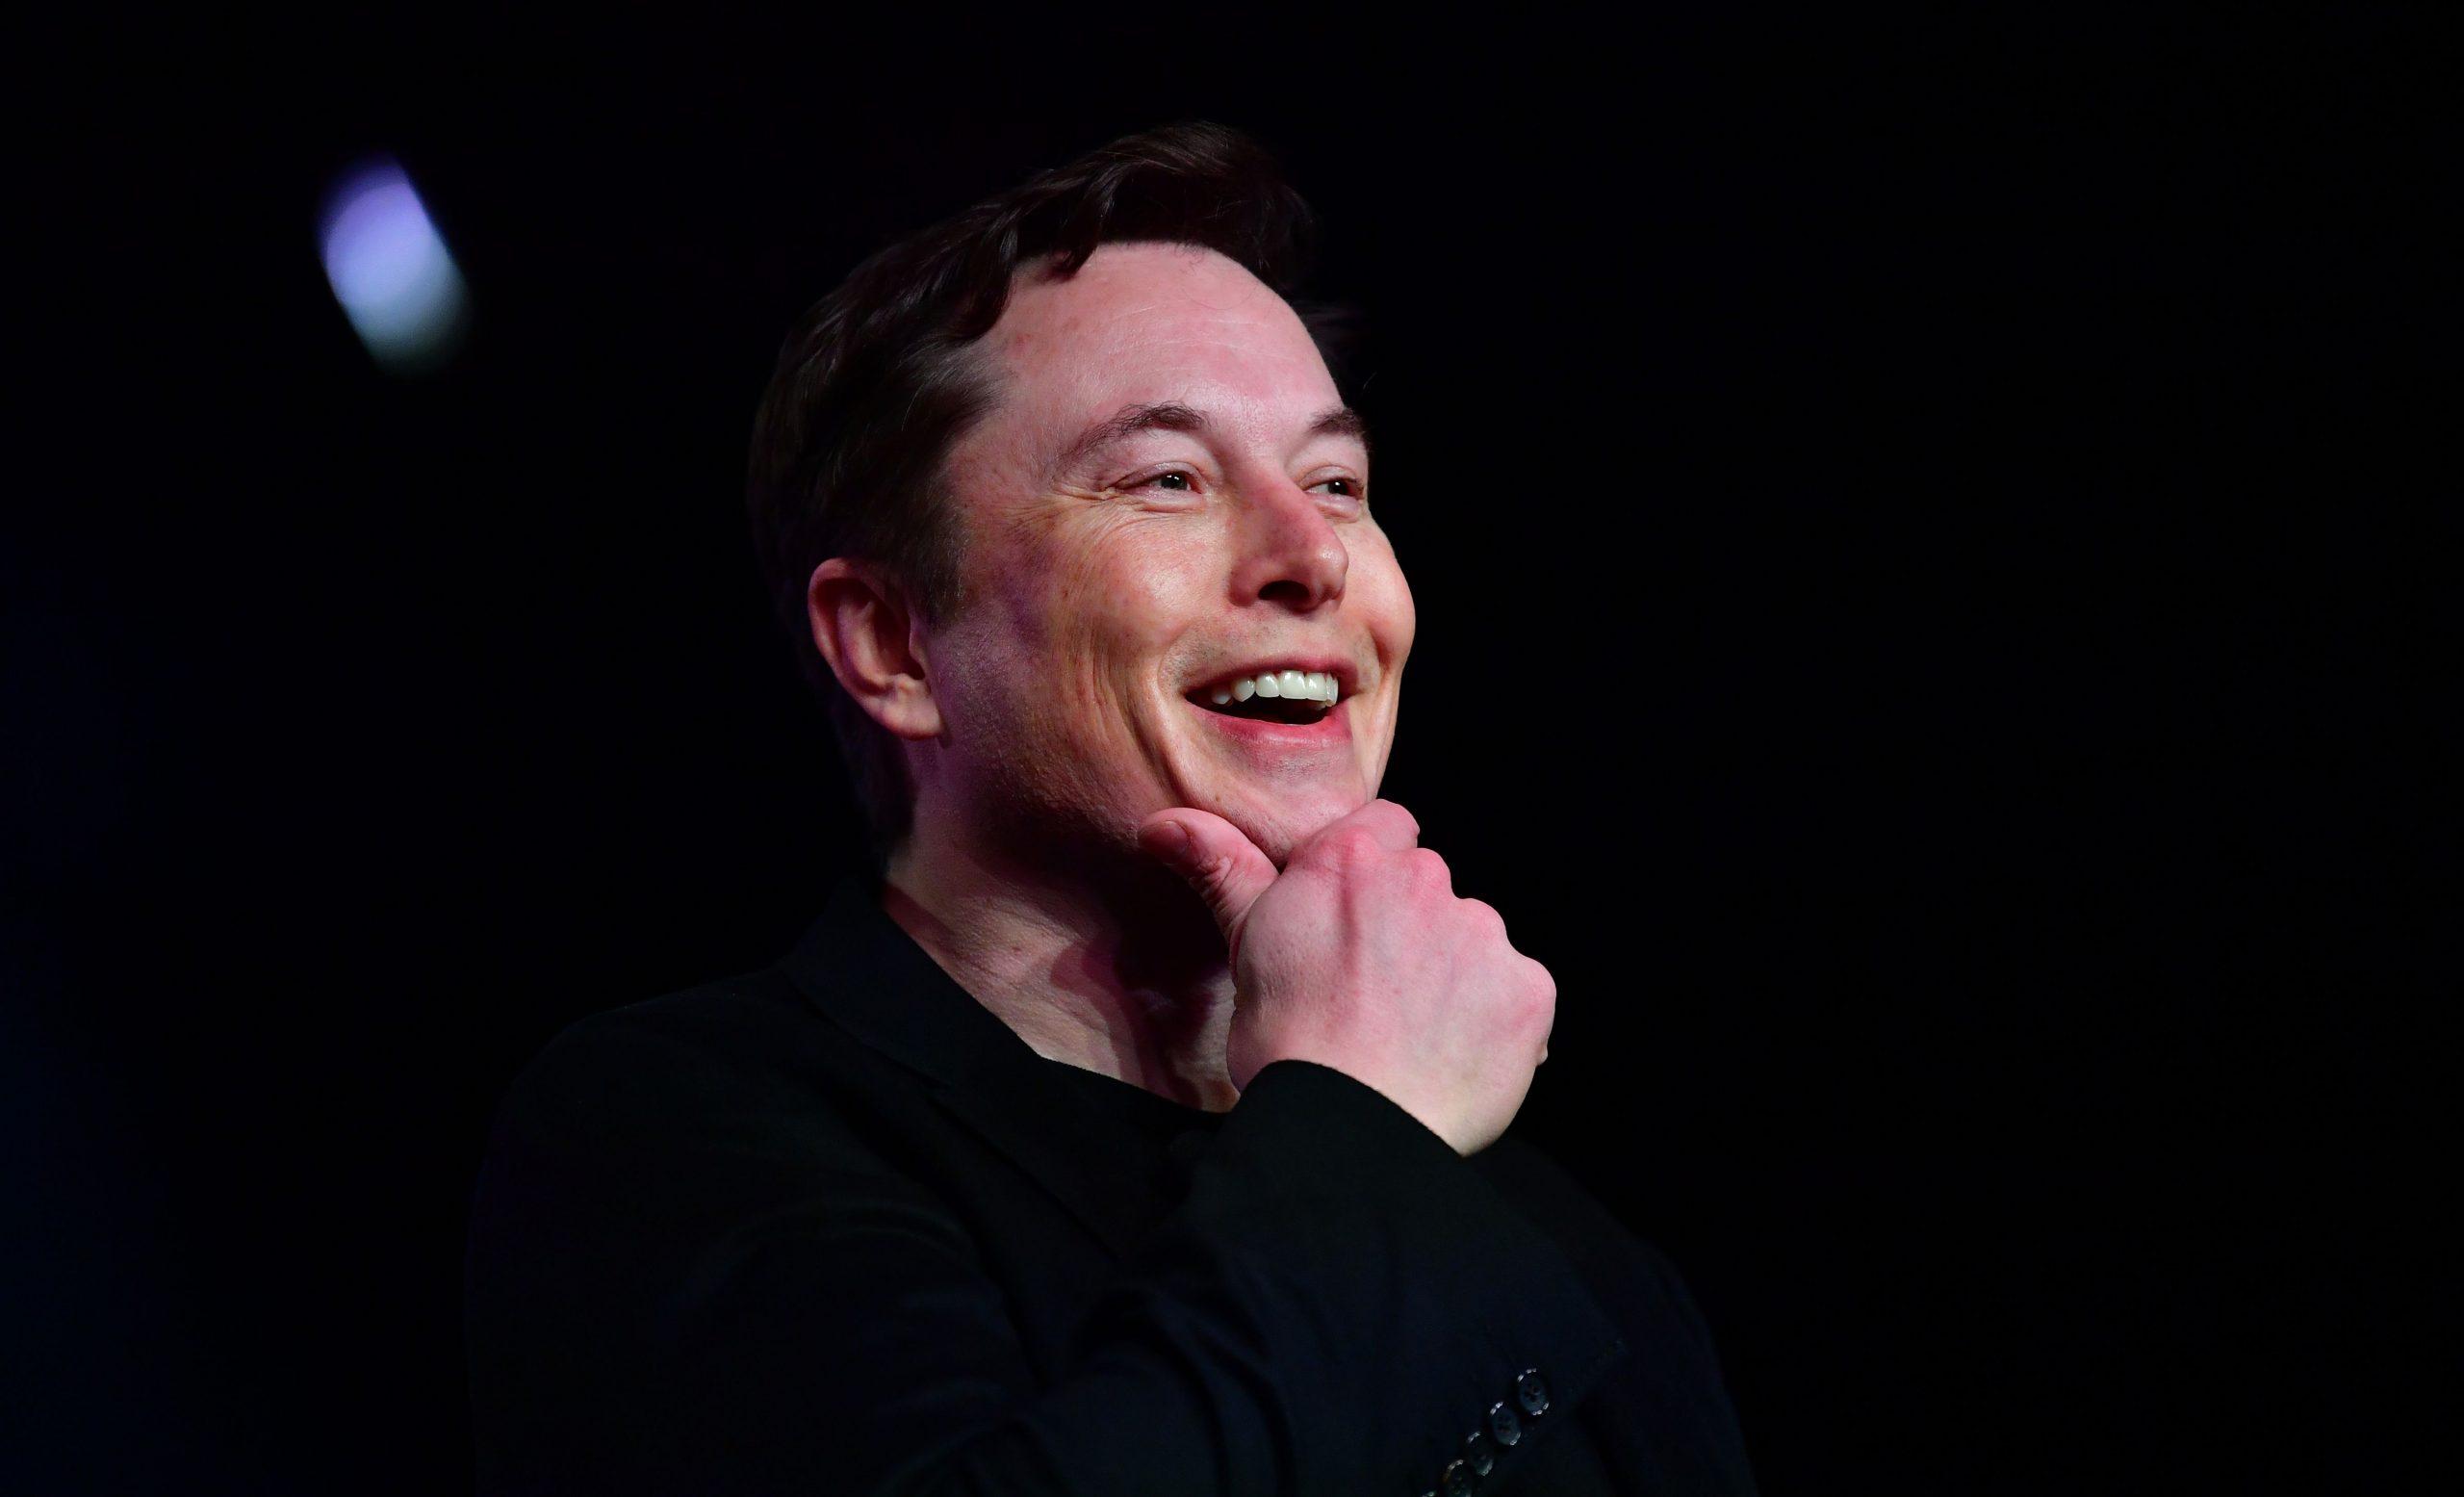 Tesla rompe récords y anuncia la venta de 185.000 coches en Q1 2021